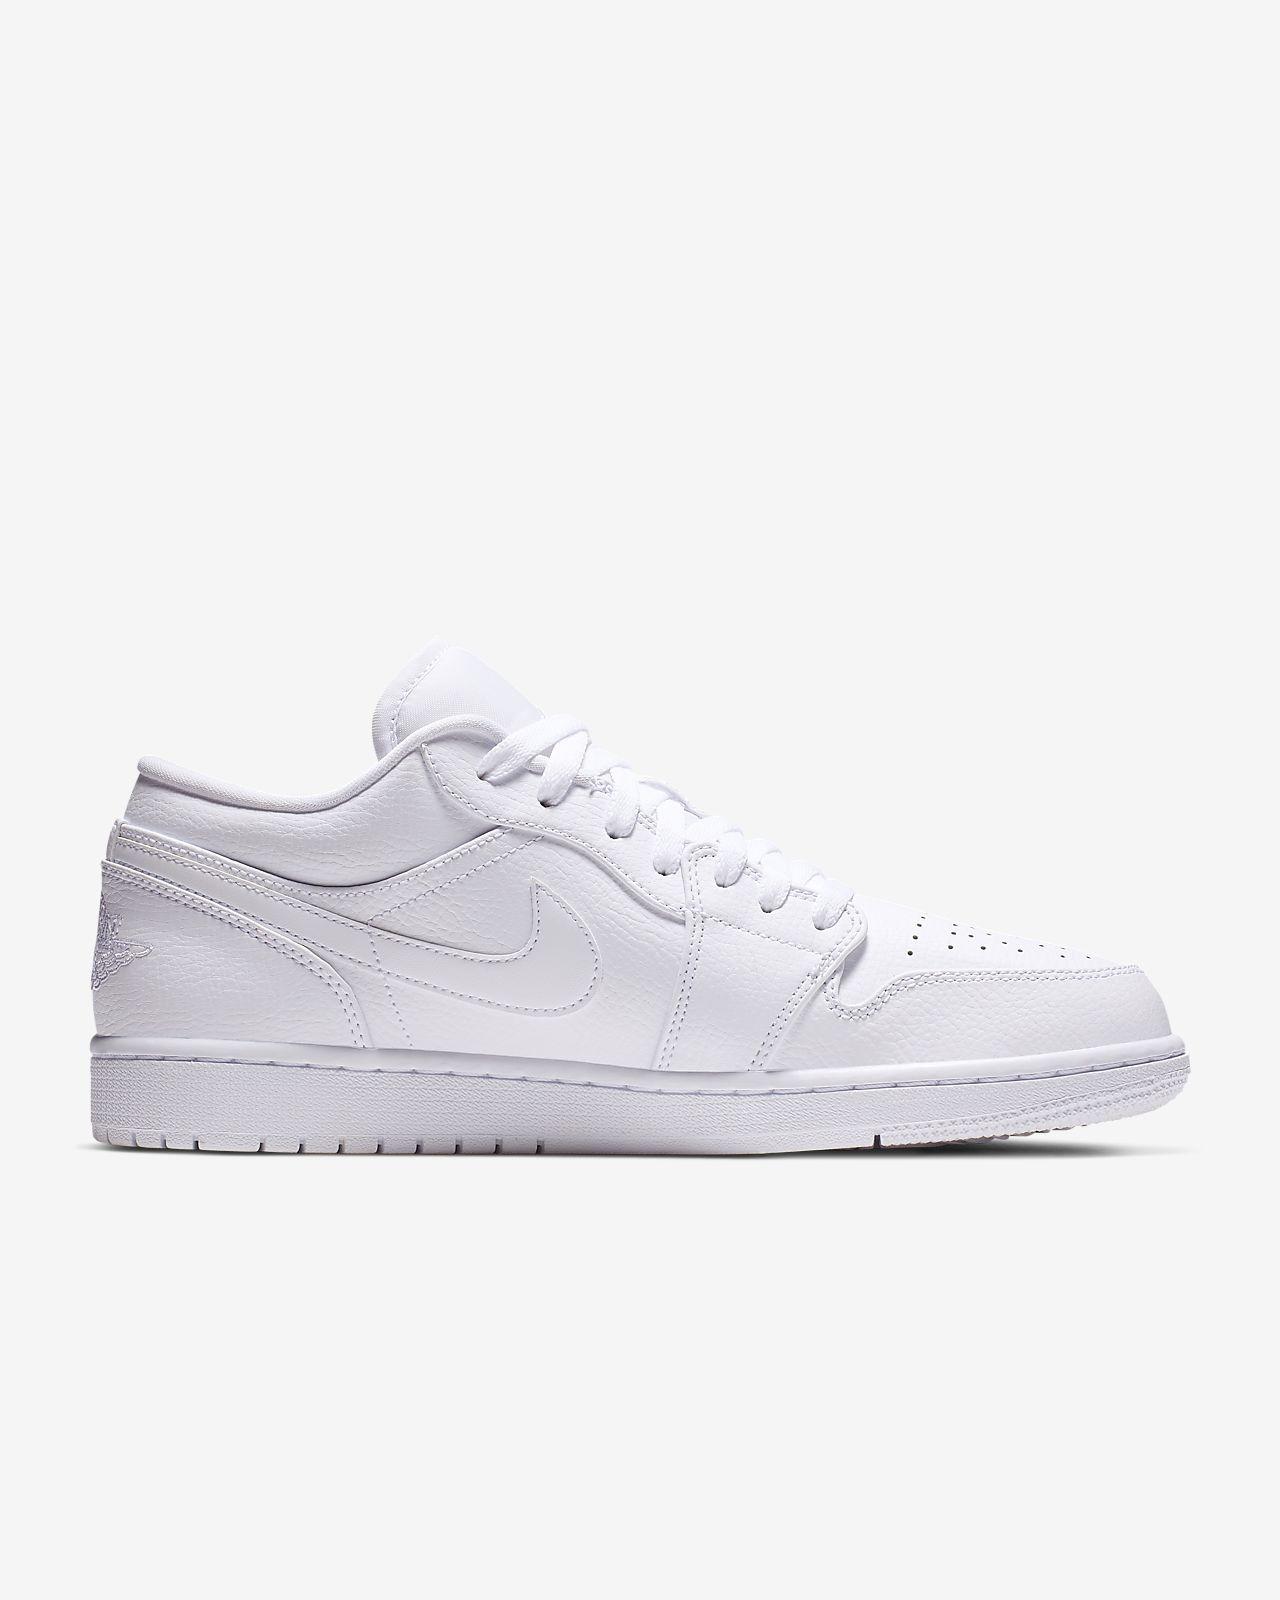 cd9149a8d6ea Air Jordan 1 Low Men s Shoe. Nike.com LU